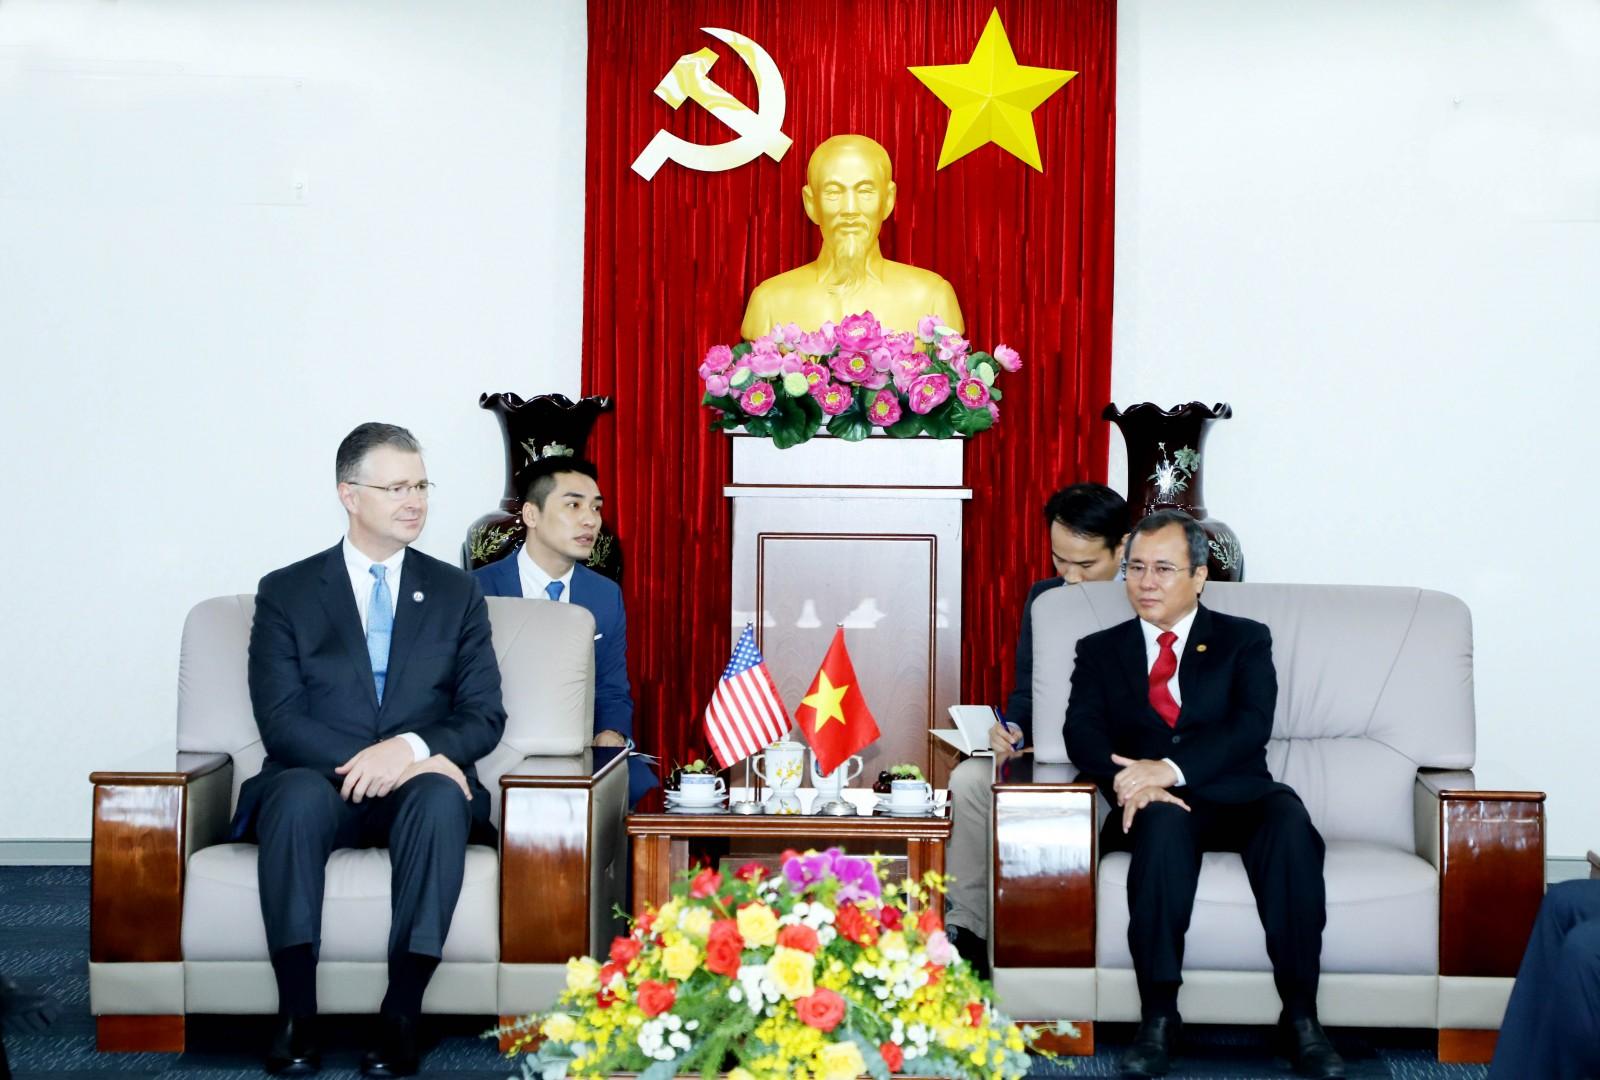 Lãnh đạo tỉnh Bình Dương tiếp và làm việc với Đại sứ và Tổng Lãnh sự Hoa Kỳ tại TP Hồ Chí Minh